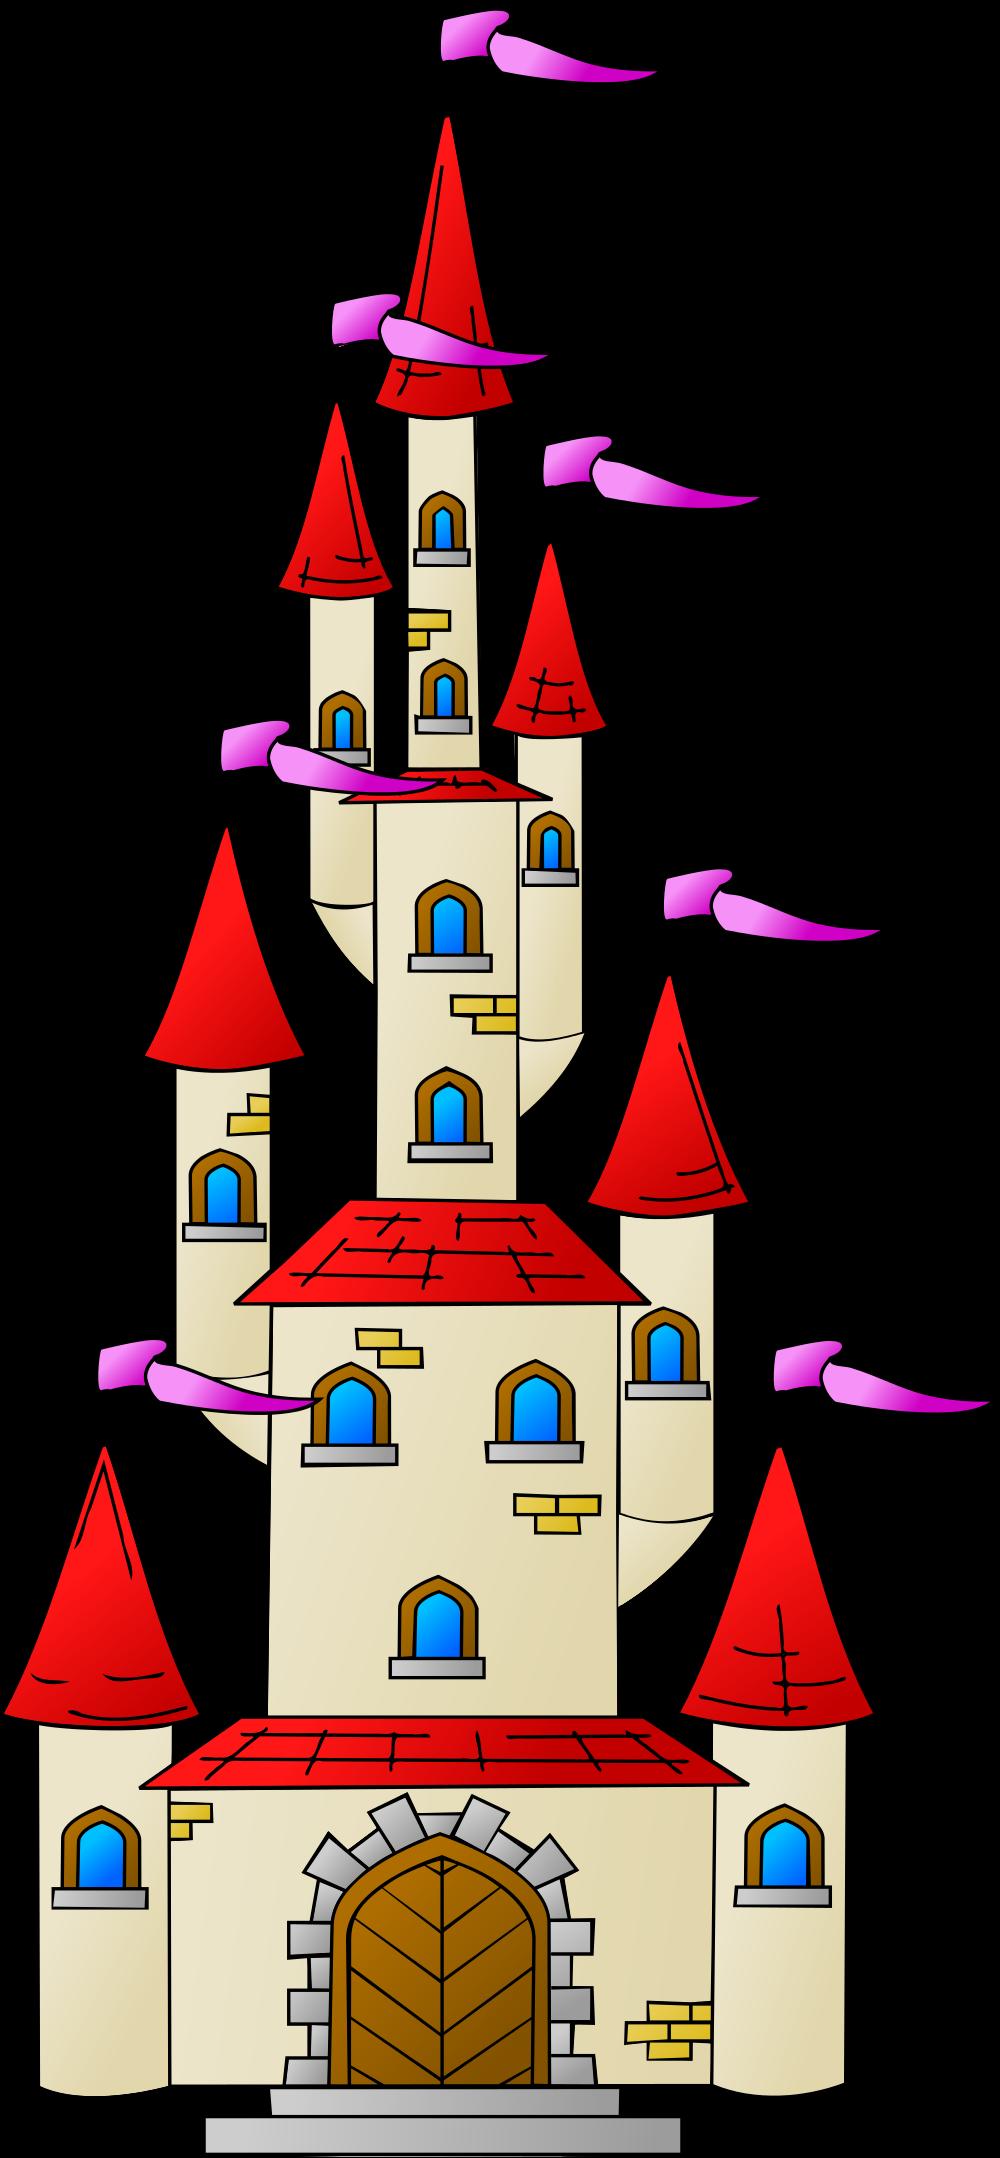 Castle clip art shop. Palace clipart fancy